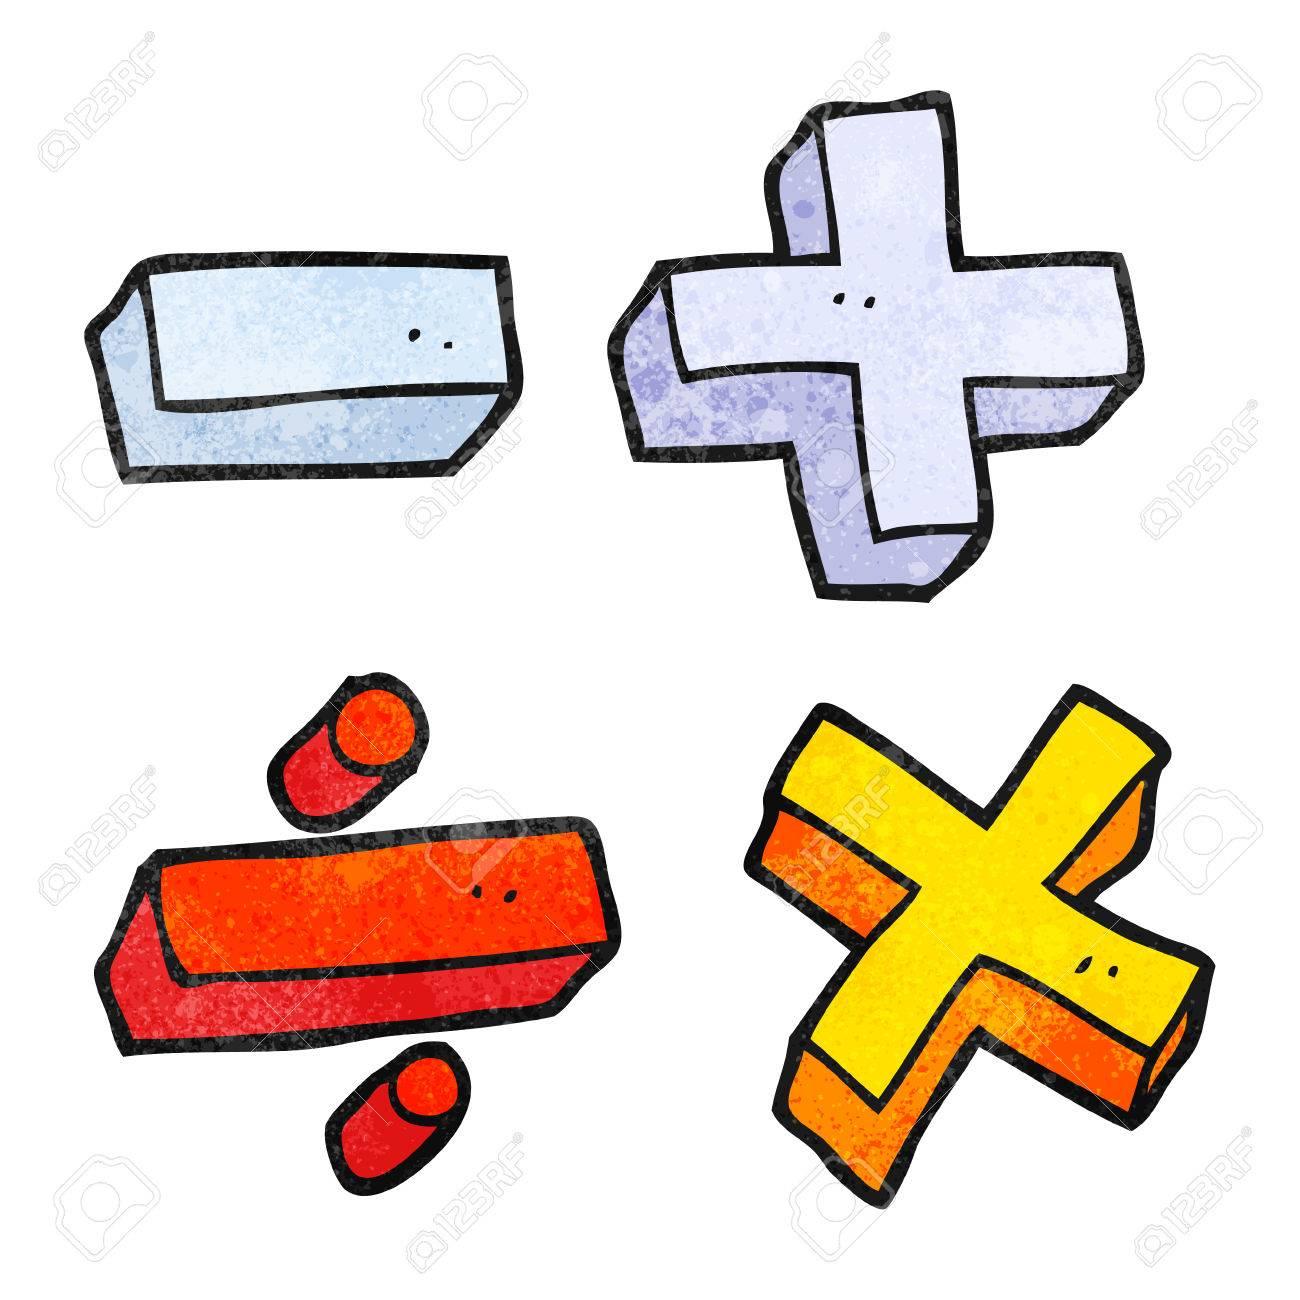 A Mano Alzada Con Textura De Los Simbolos Matematicos De Dibujos